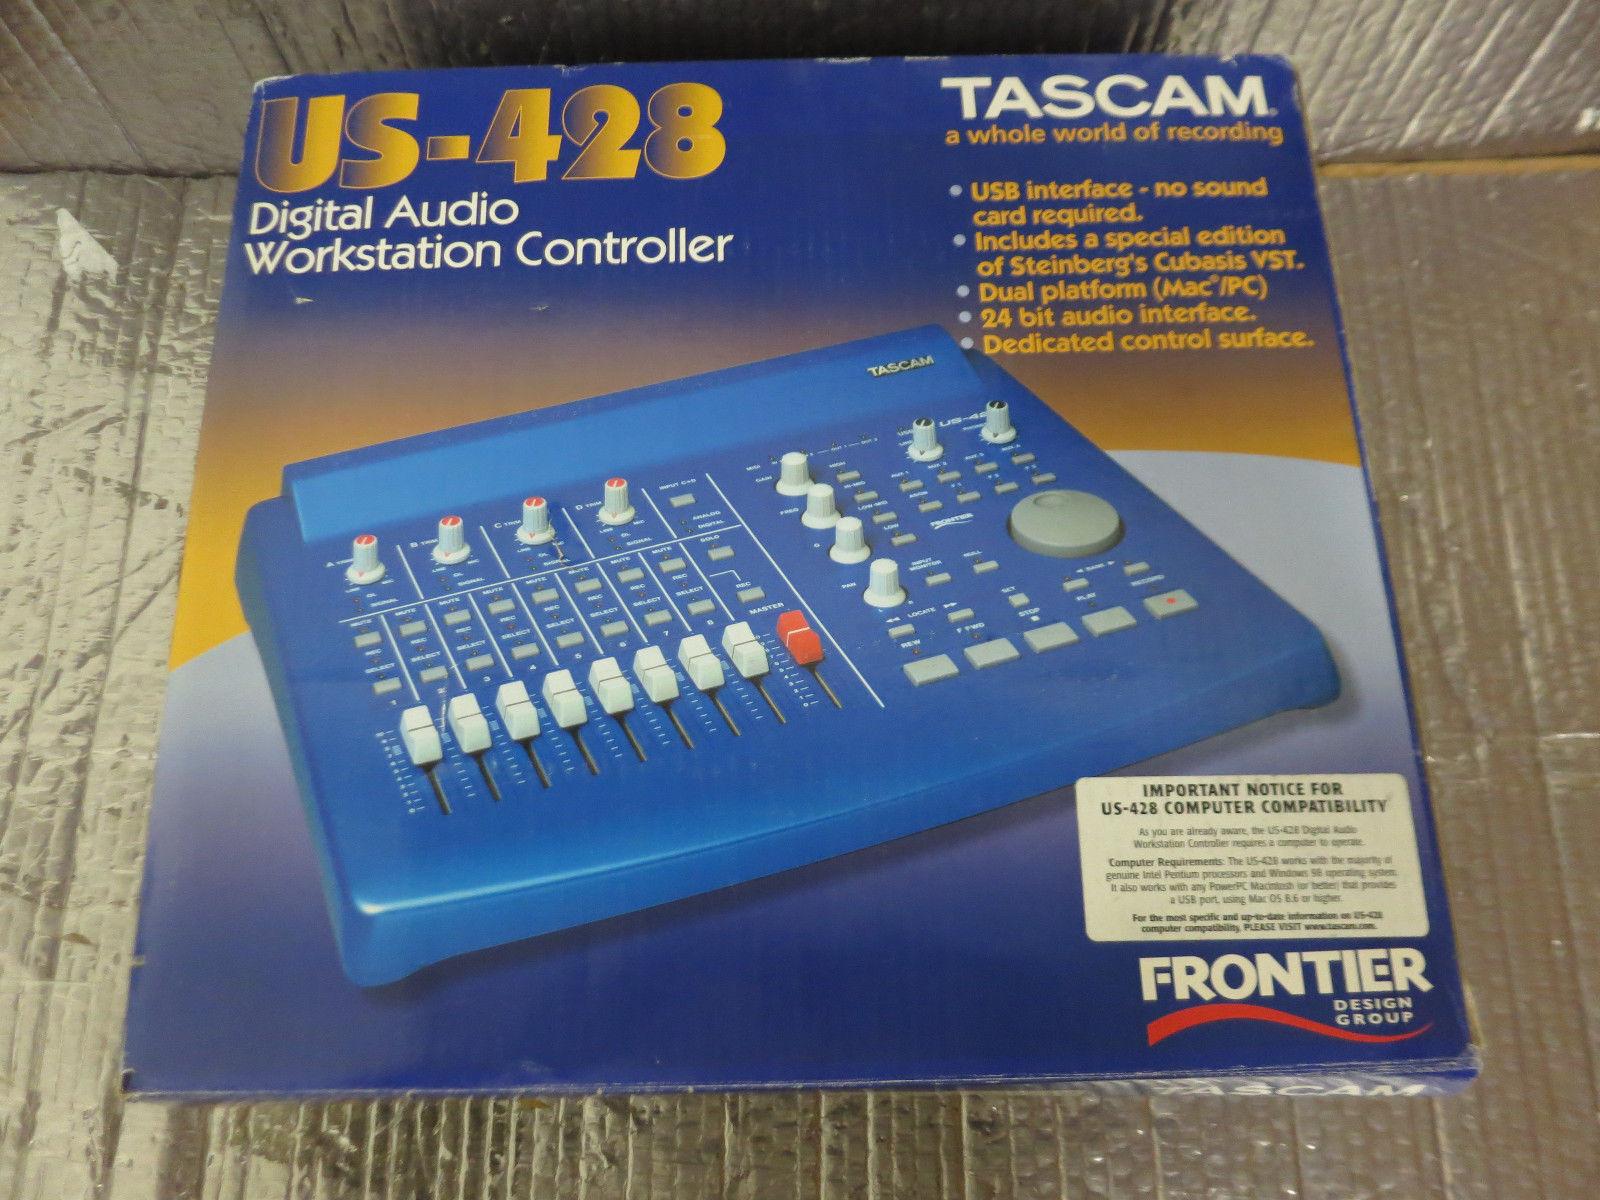 TASCAM Us-428 Digital Audio Workstation Controller for sale online